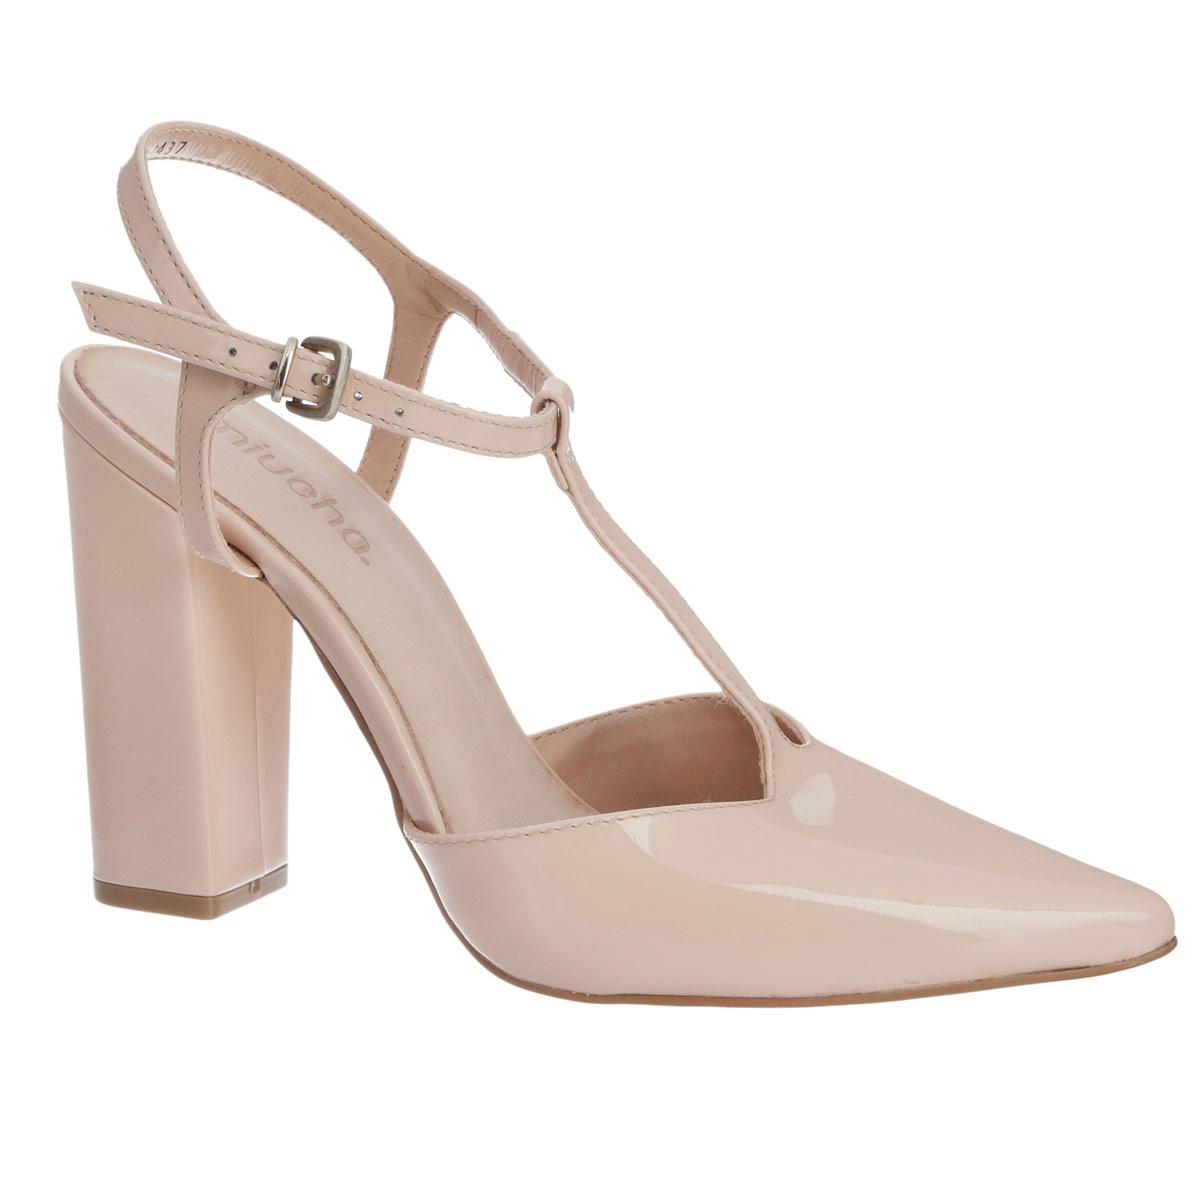 Туфли женские. 142-1437142-1437Потрясающие туфли от Miucha не оставят равнодушной настоящую модницу! Модель выполнена из натуральной лакированной кожи и оформлена Т-ремешком на подъеме. Заостренный вытянутый носок смотрится невероятно женственно. Ремешок с закругленной металлической пряжкой отвечает за надежную фиксацию модели на ноге. Длина ремешка регулируется за счет болта. Мягкая стелька из натуральной кожи гарантирует комфорт при ходьбе. Высокий каблук-столбик и подошва с рифлением обеспечивают идеальное сцепление с любыми поверхностями. Элегантные туфли внесут изысканные нотки в ваш образ и подчеркнут вашу утонченную натуру.